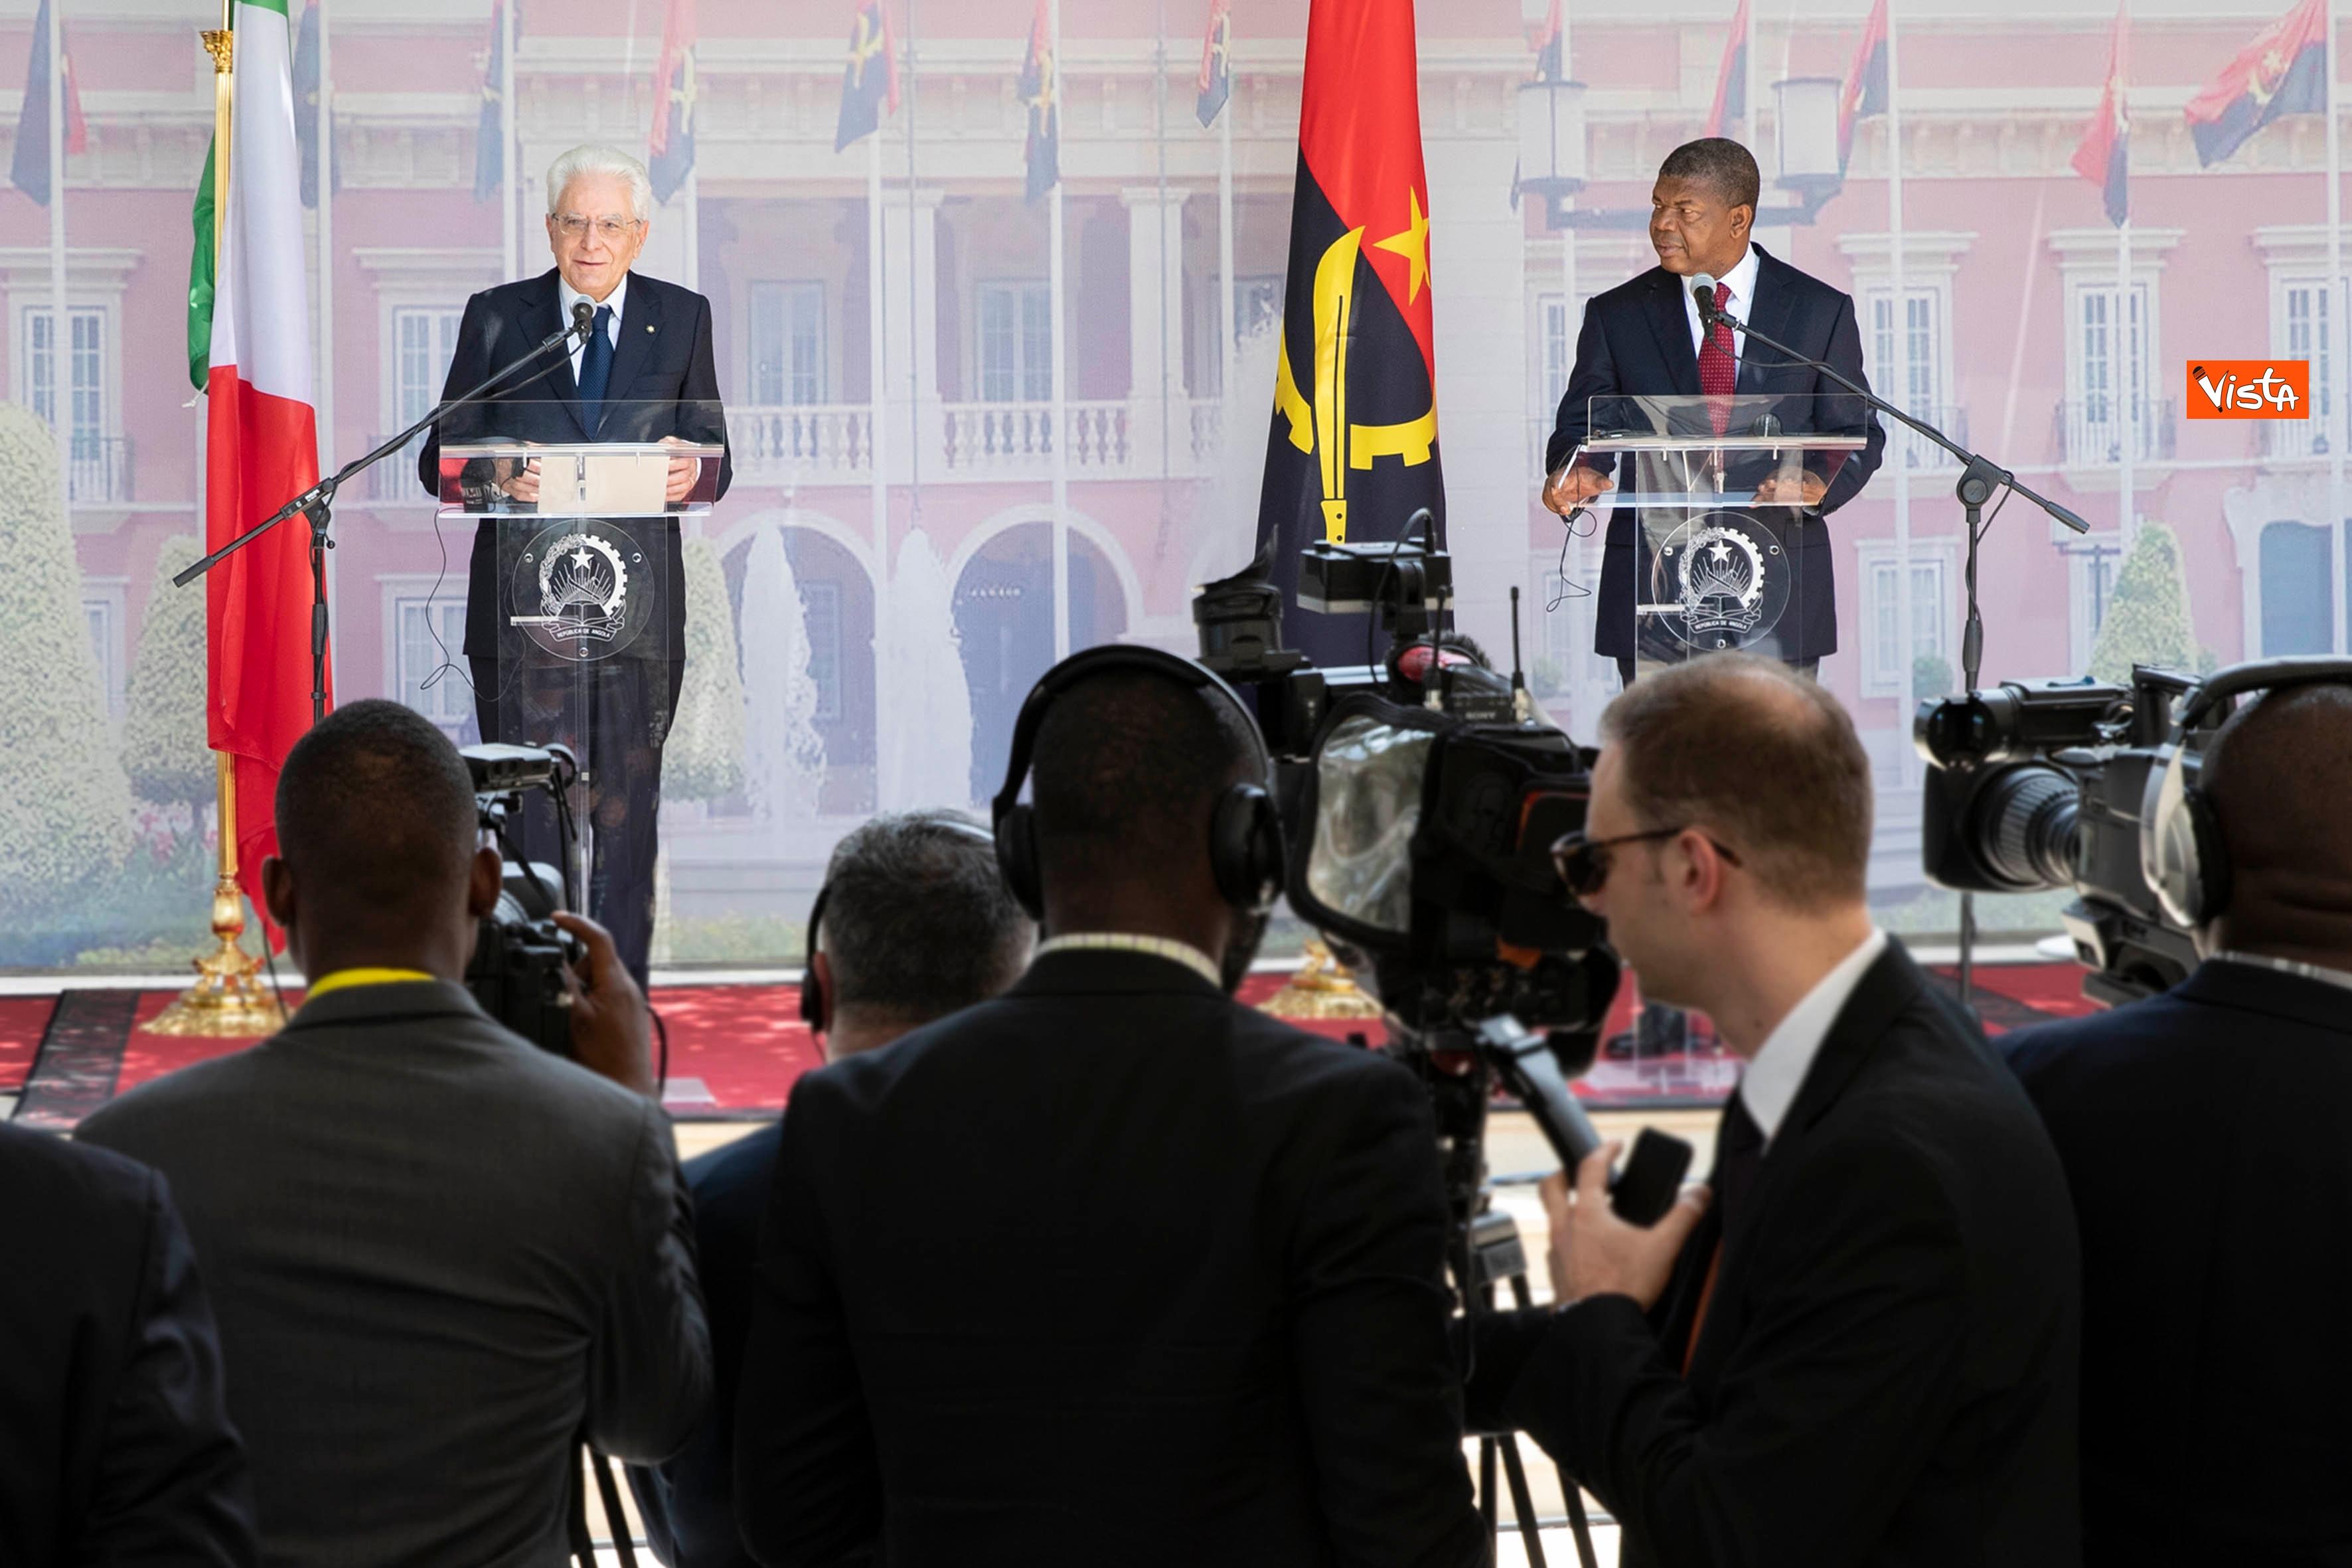 06-02-19 Mattarella con il presidente della Repubblica d'Angola Joao Lourenco_03